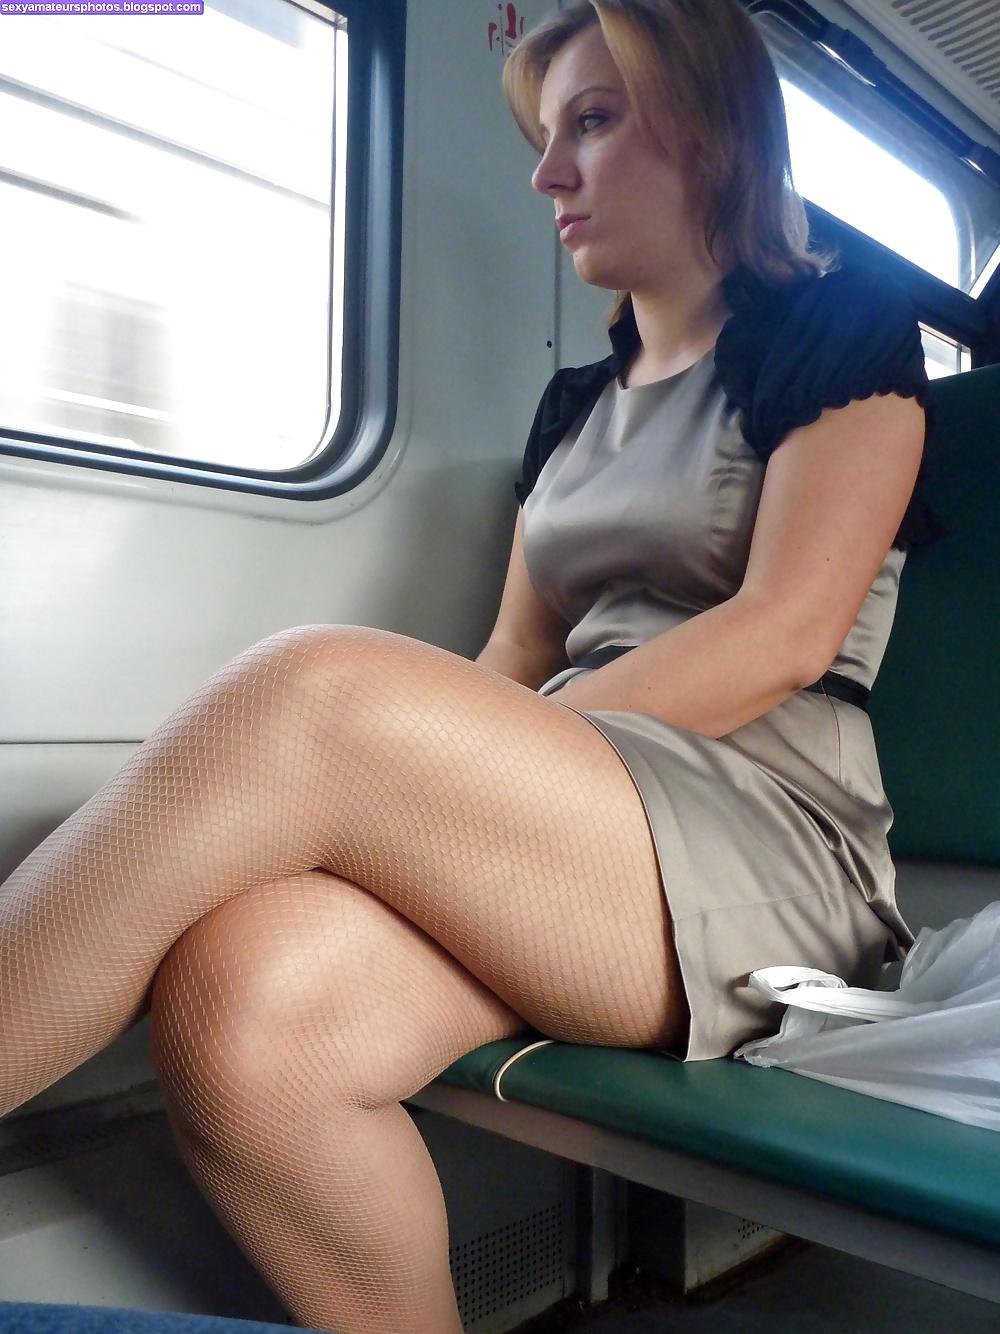 Видео парень секс в транспорте в поезде обеликс